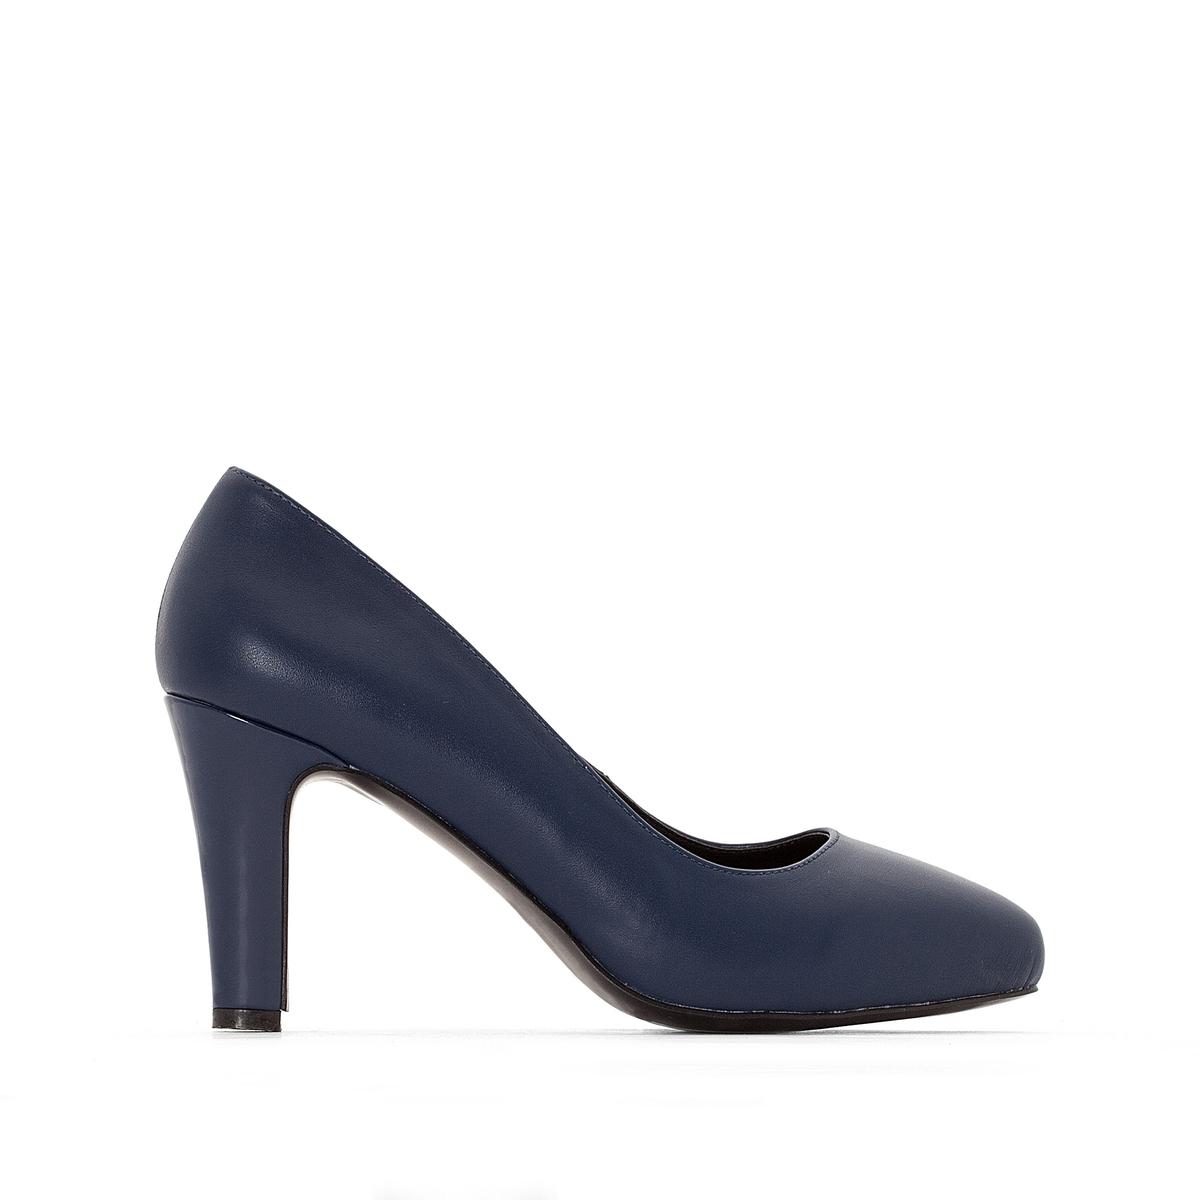 zapatillas Zapatos de piel con tac?n y plataforma, pie ancho, del 38 al 45